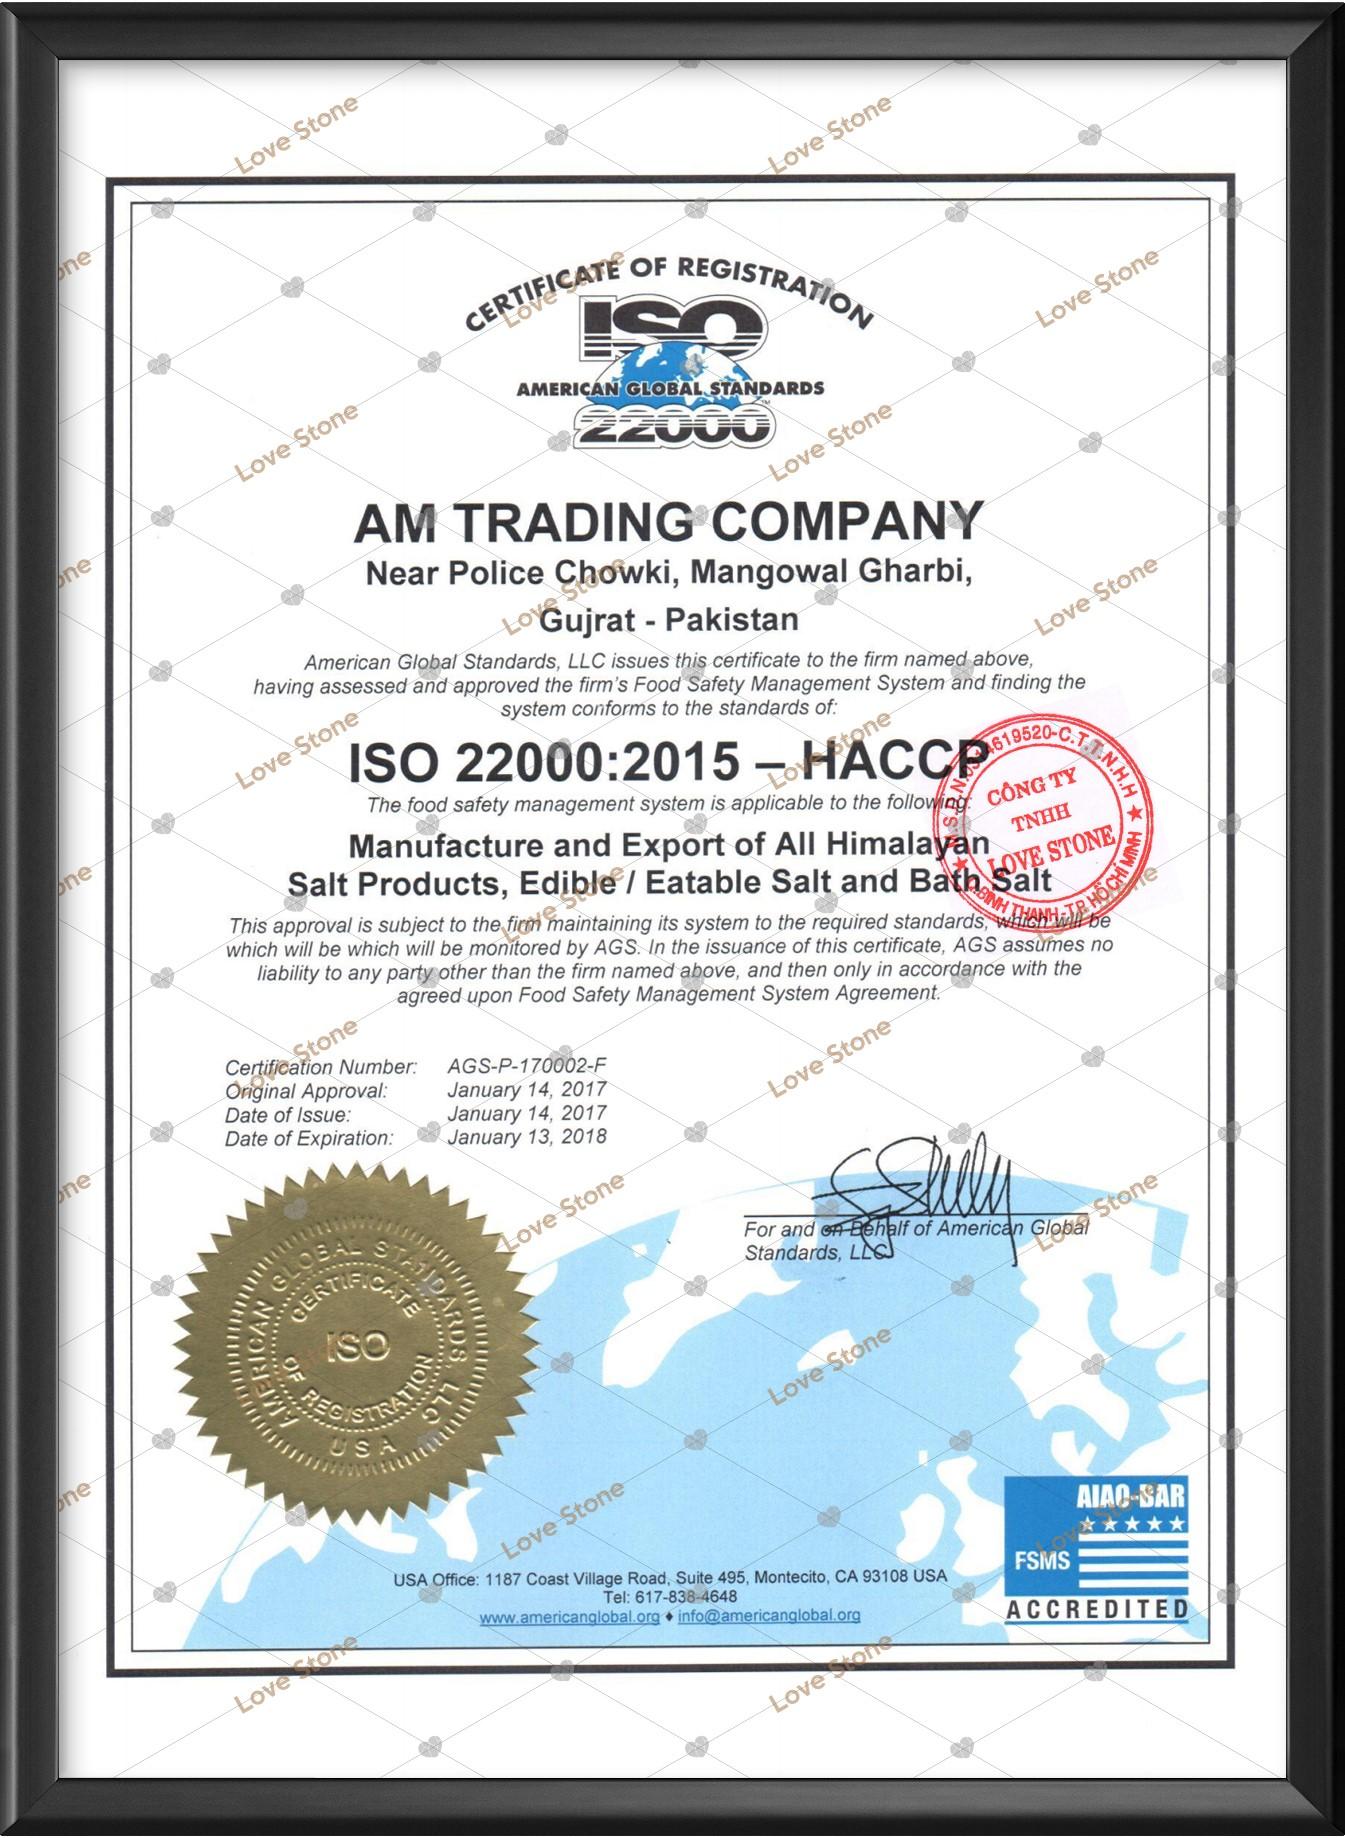 Giấy chứng nhận nhà máy đạt chuẩn ISO của AM TRADING